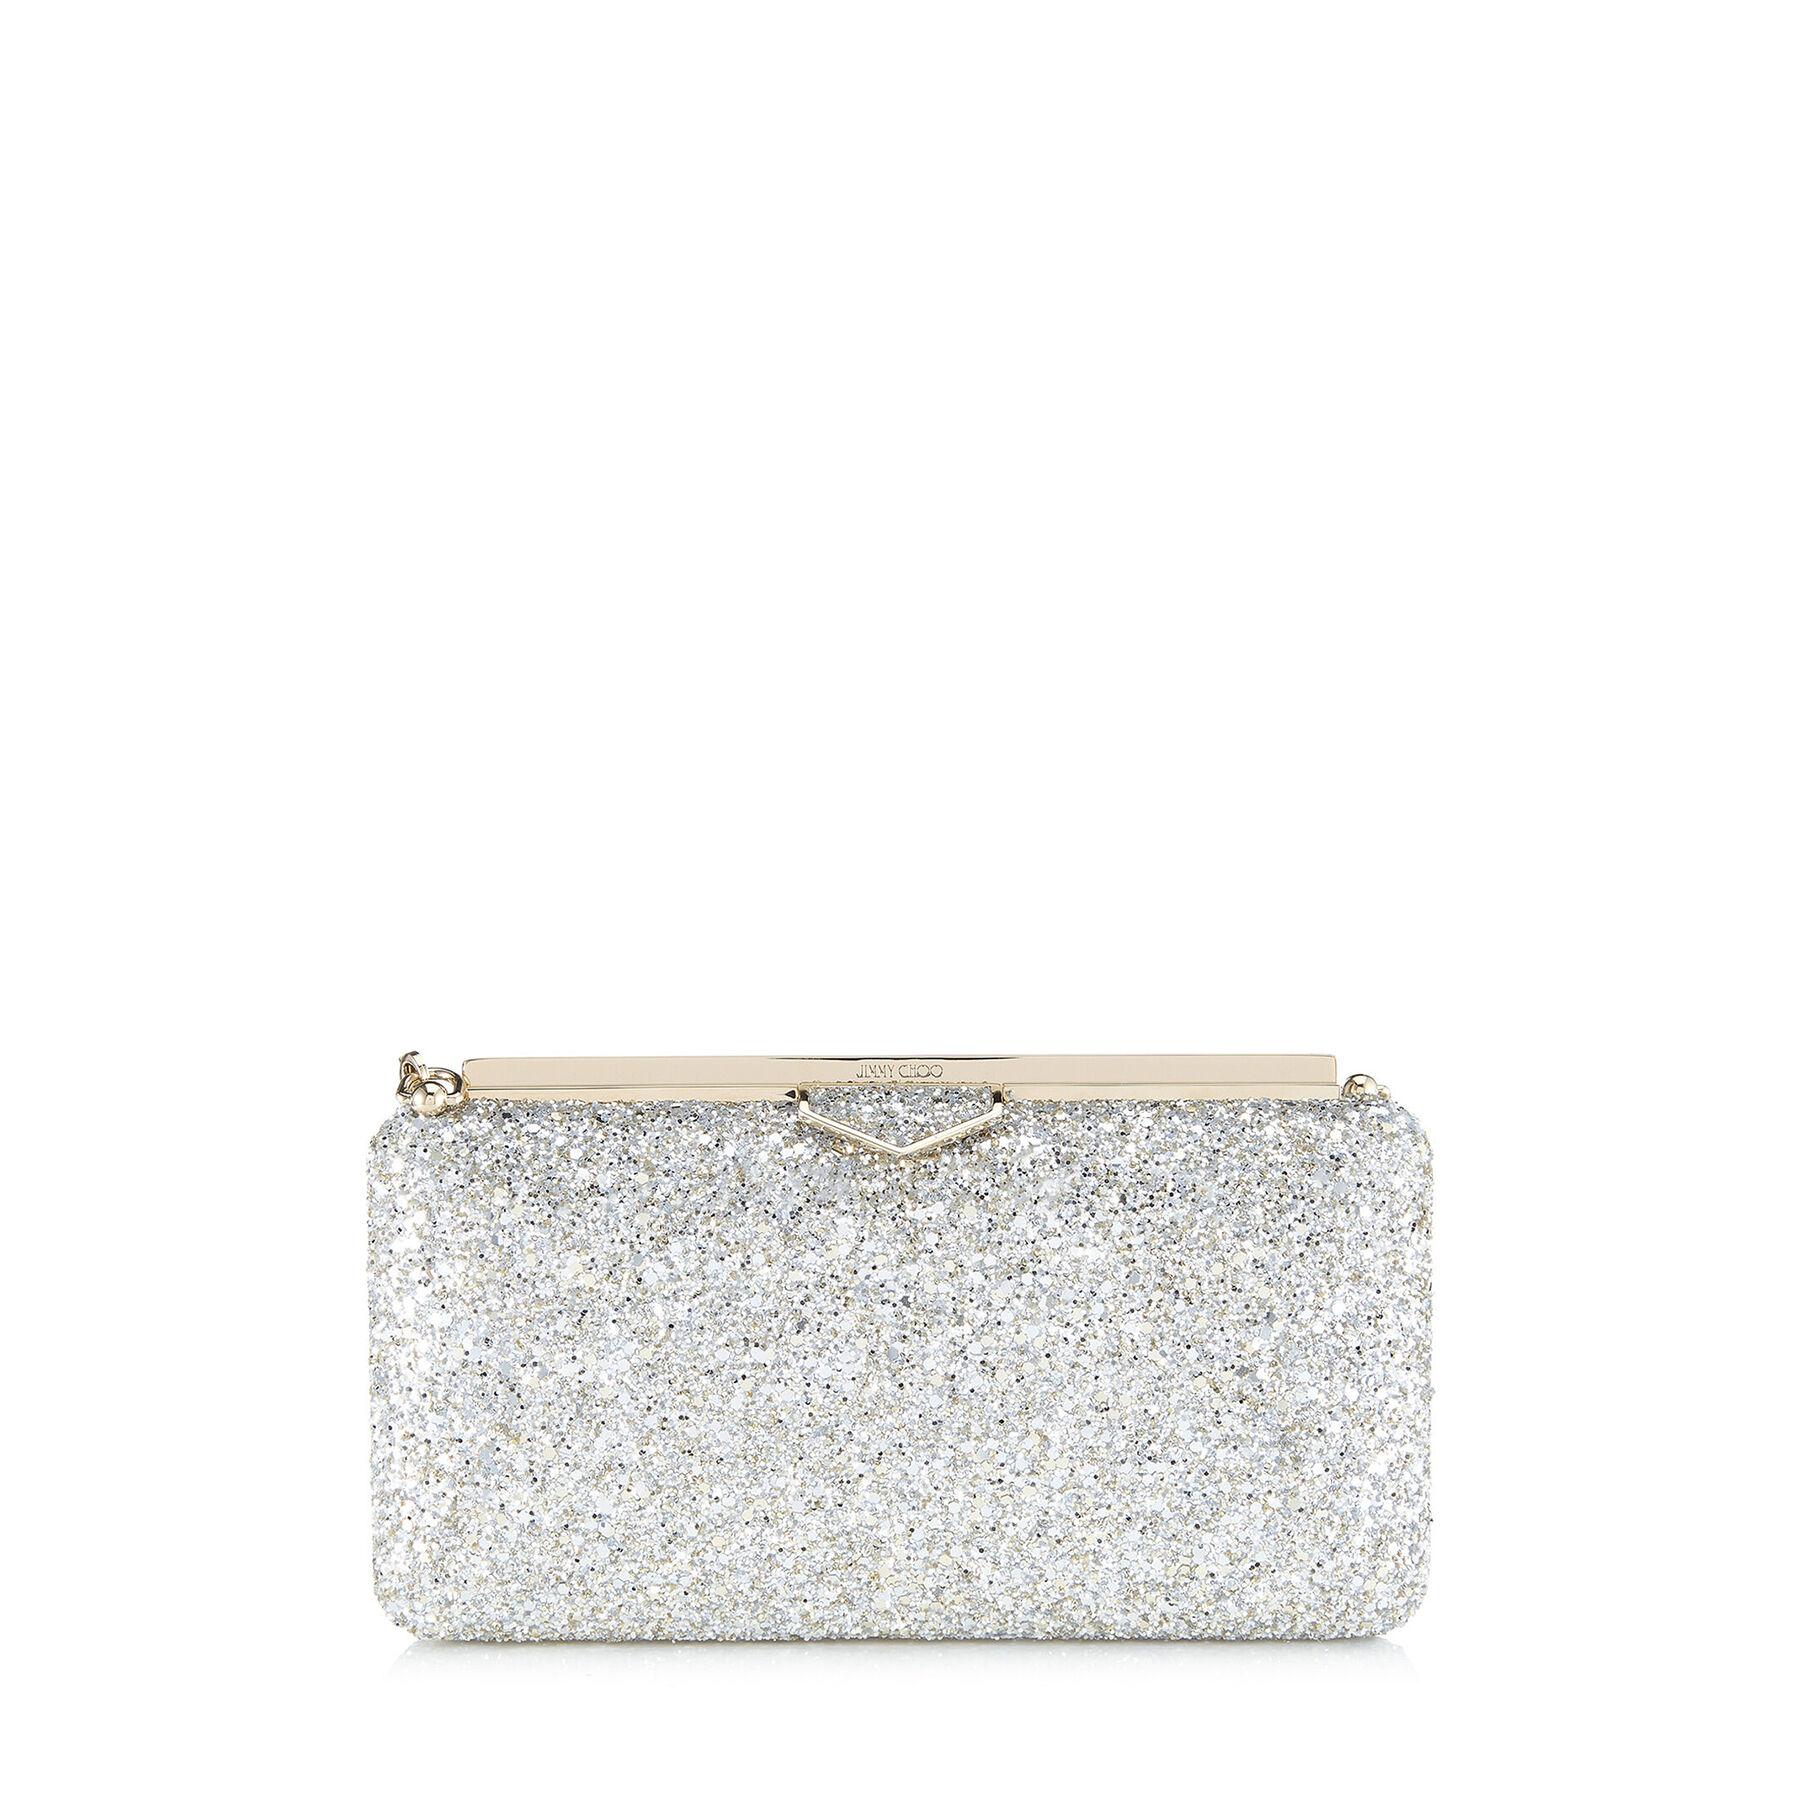 ELLIPSE - Champagne Coarse Glitter Fabric Clutch Bag